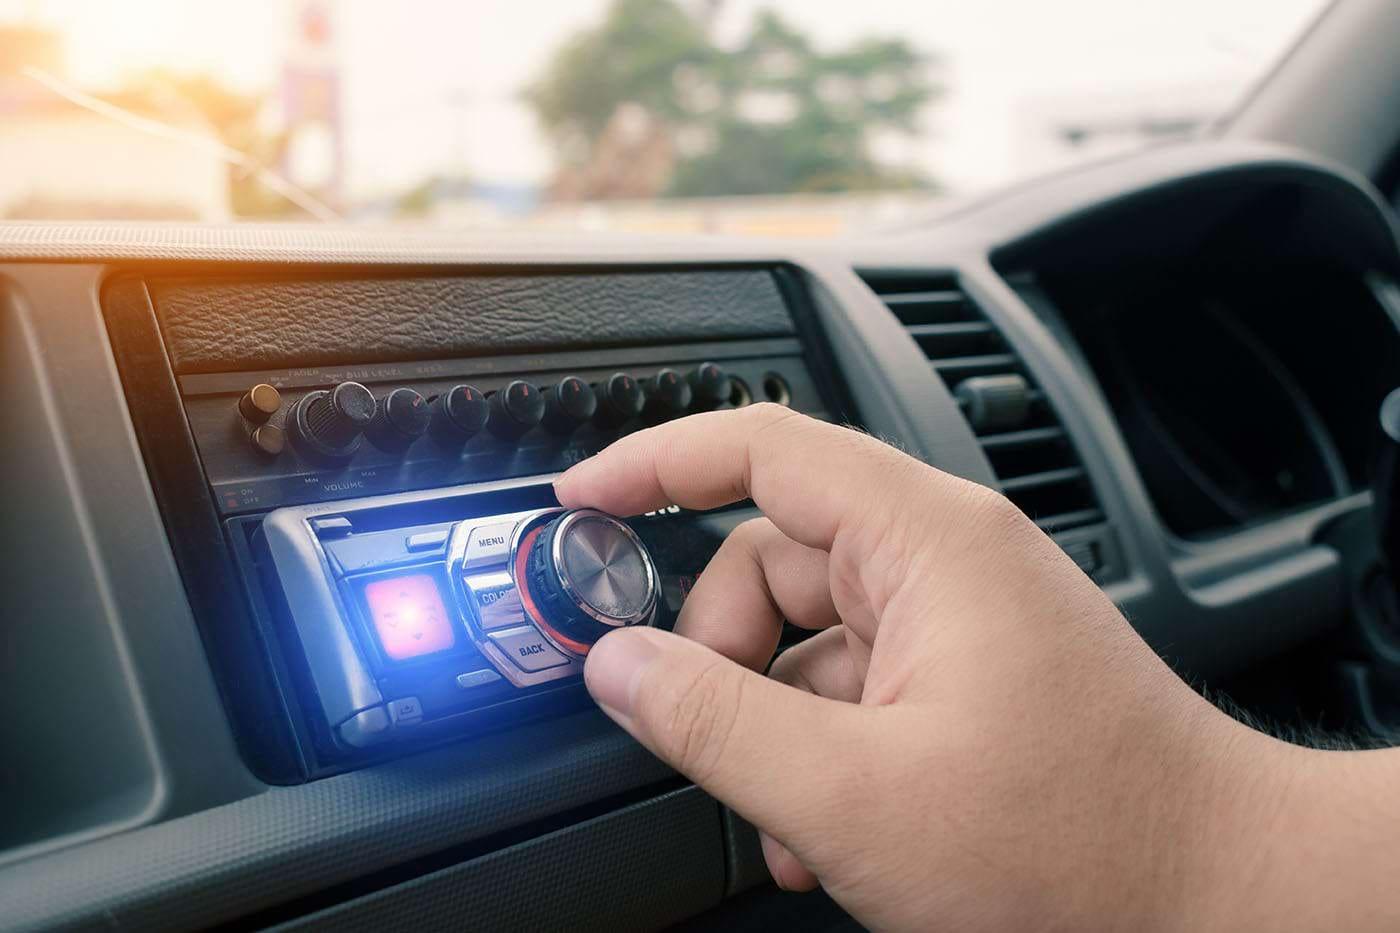 De ce e bine să asculți muzică de relaxare când conduci?